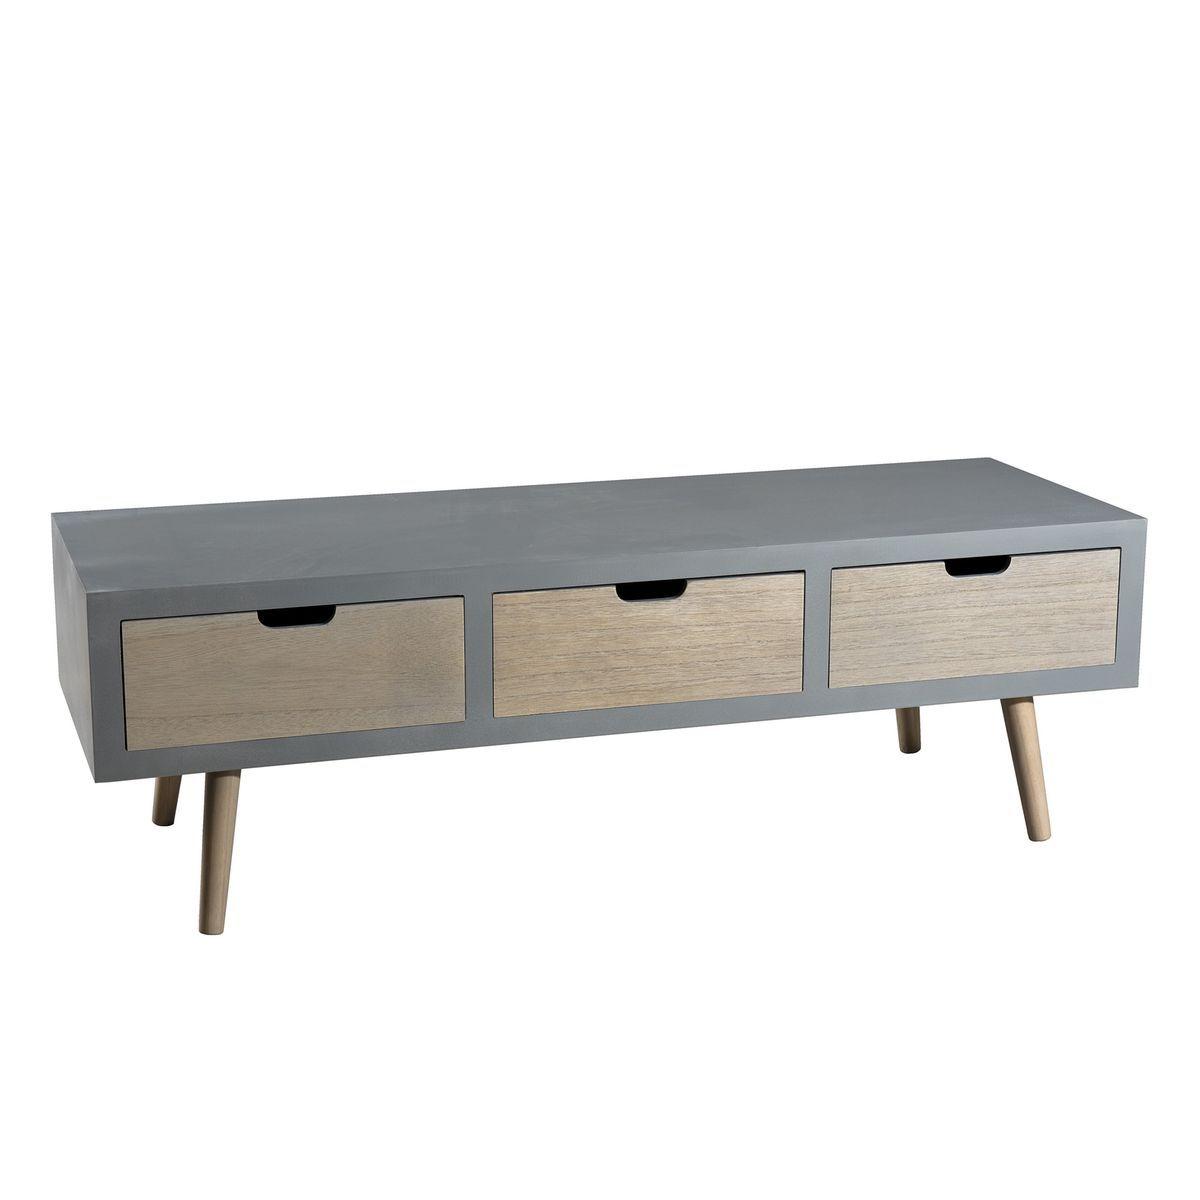 Meuble Tv 120cm Bois Pin Gris Effet Beton 3 Tiroirs Style